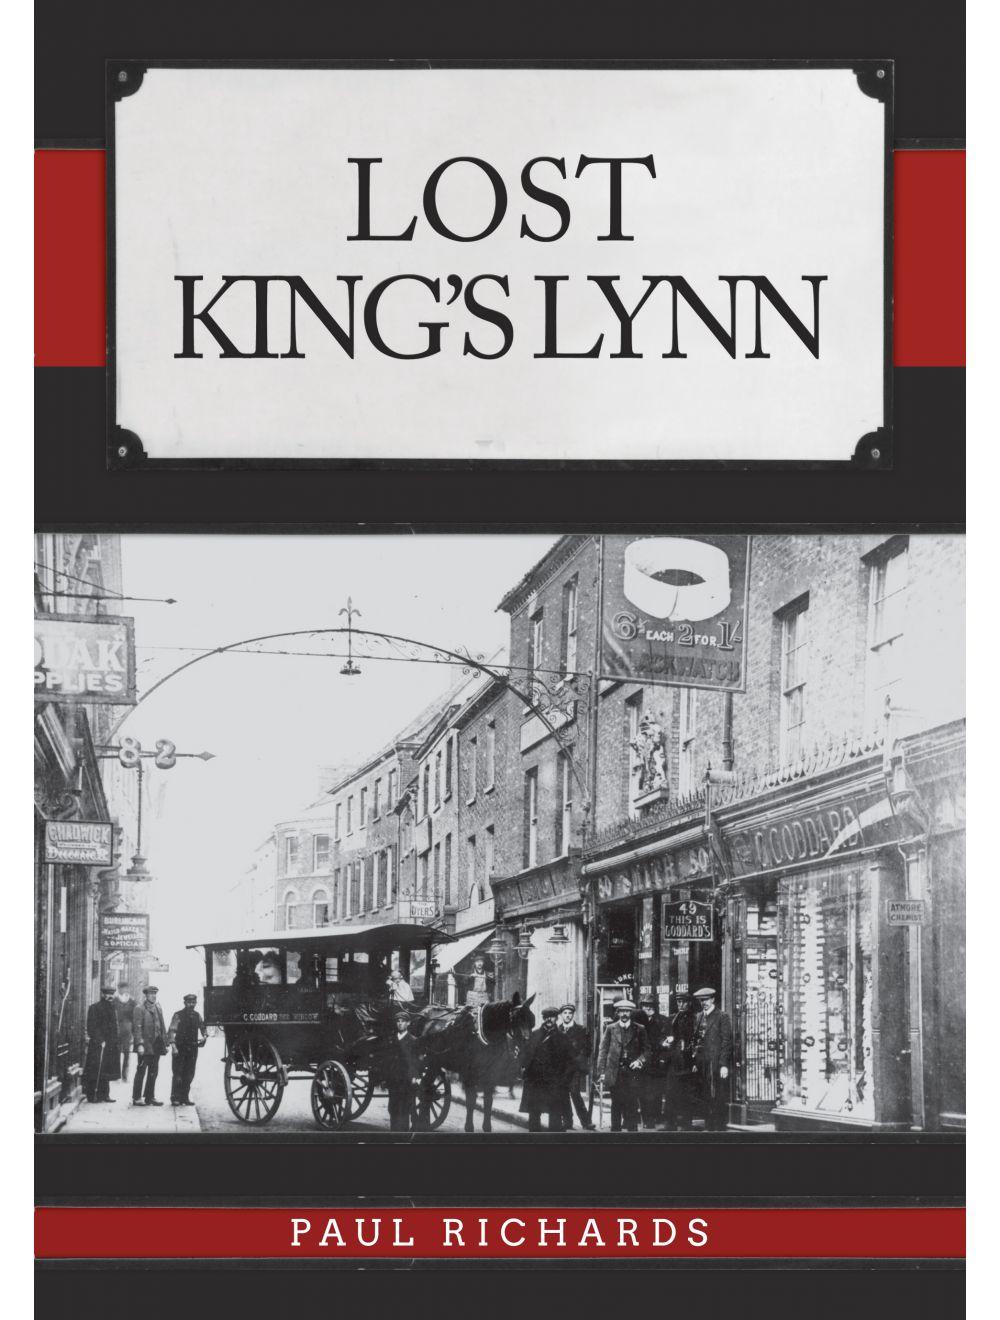 Lost King's Lynn